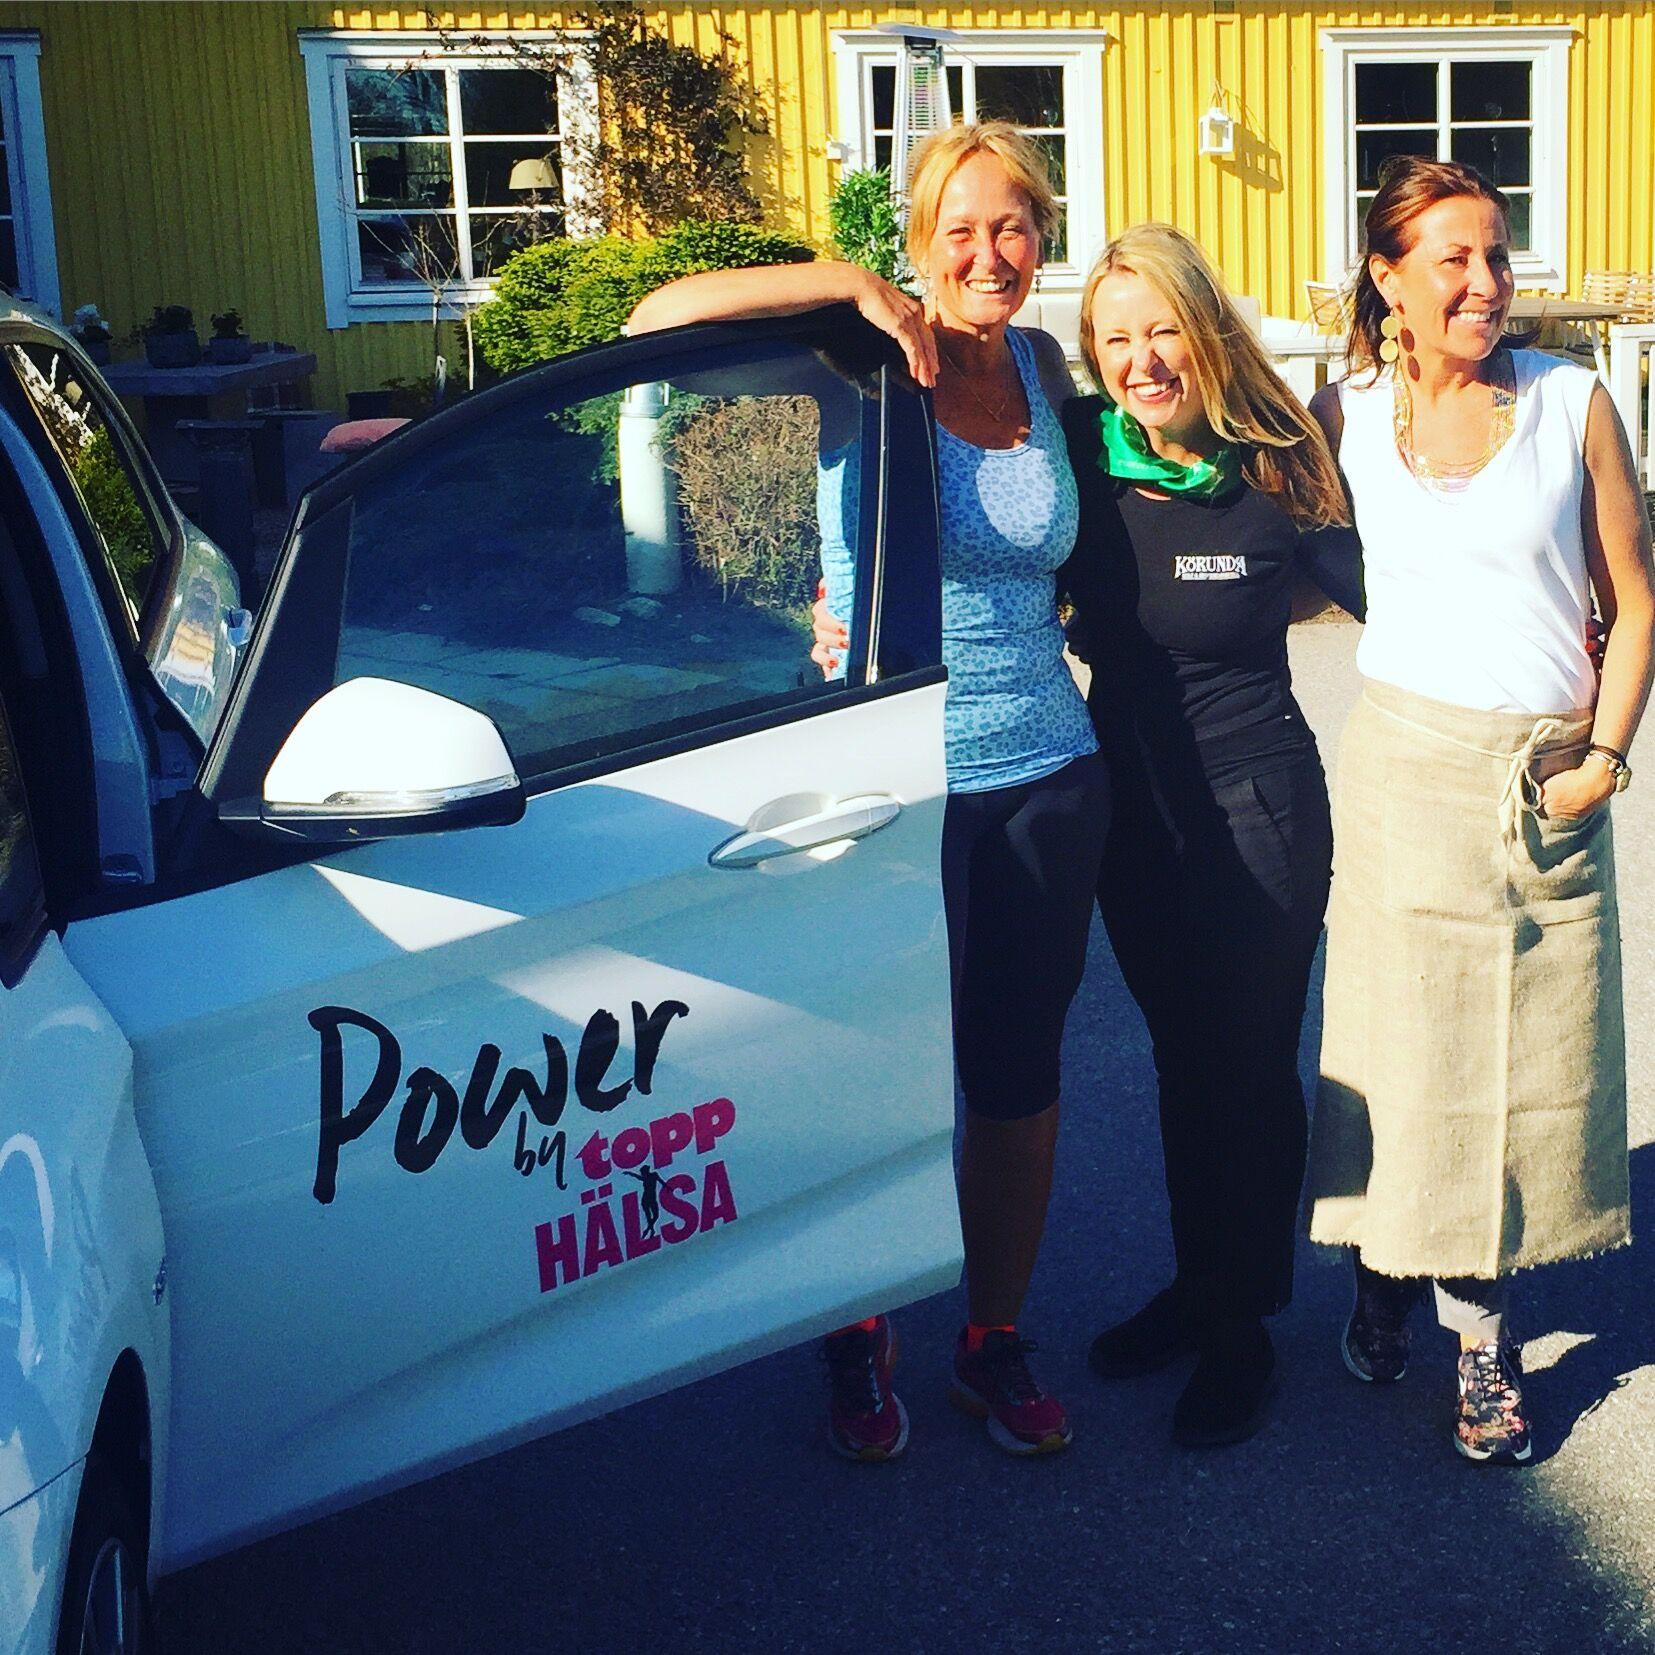 Power by ToppHälsa stå¨r det på bilen som BMW sponsrat oss med inför Vårruset. Det tar jag till mig. Power. Här med systrarna Fiffi och Lotta på Körunda.